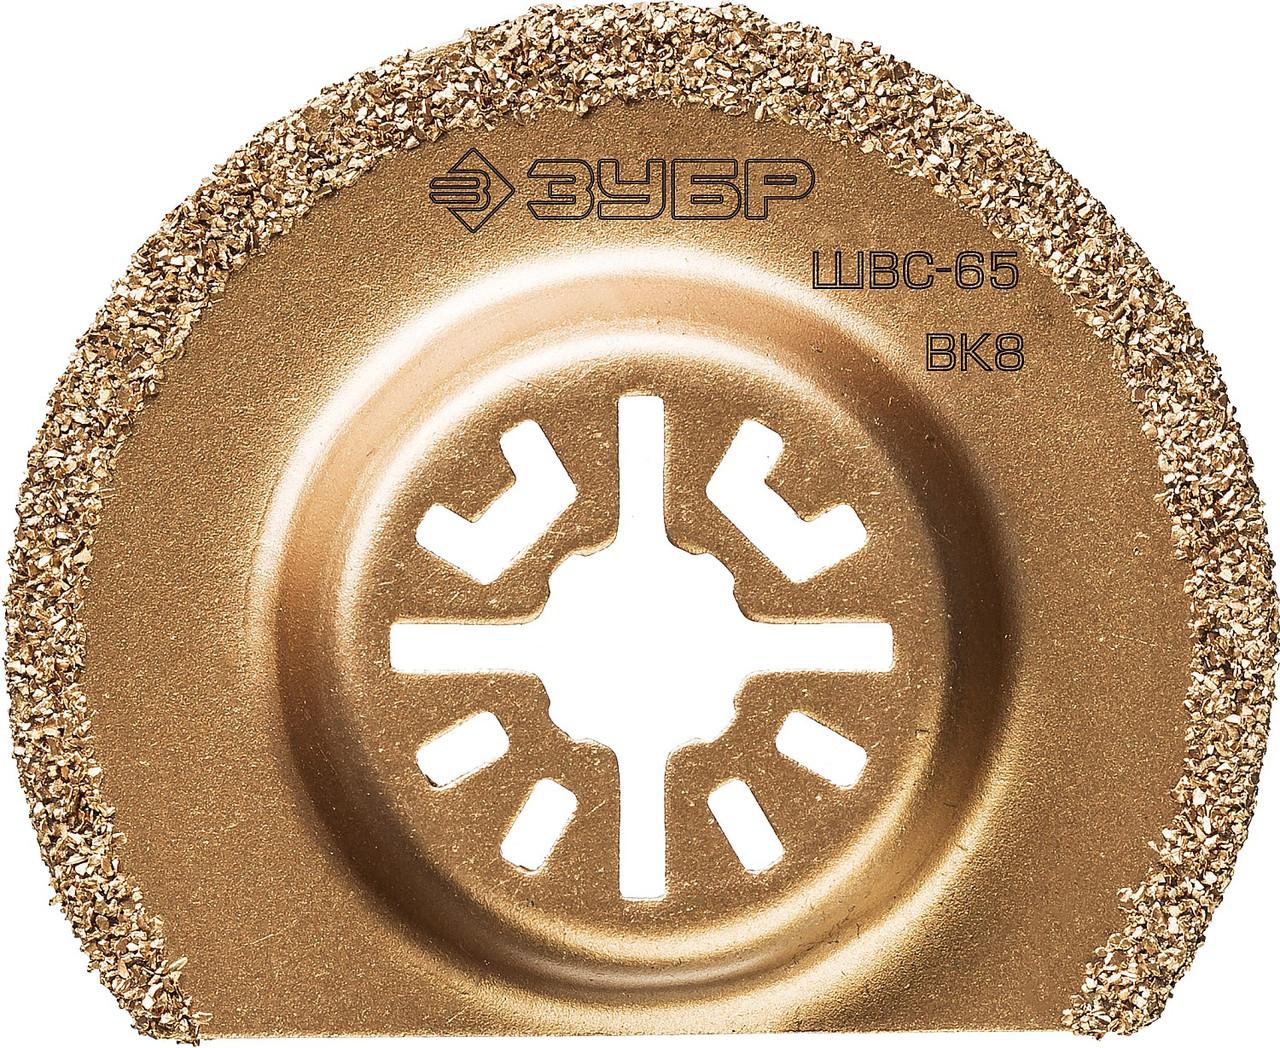 Шлифовальная насадка c карбид-вольфрамовым напылением ШВС-65, ЗУБР, диаметр 65 мм, сегментная (15563-65)